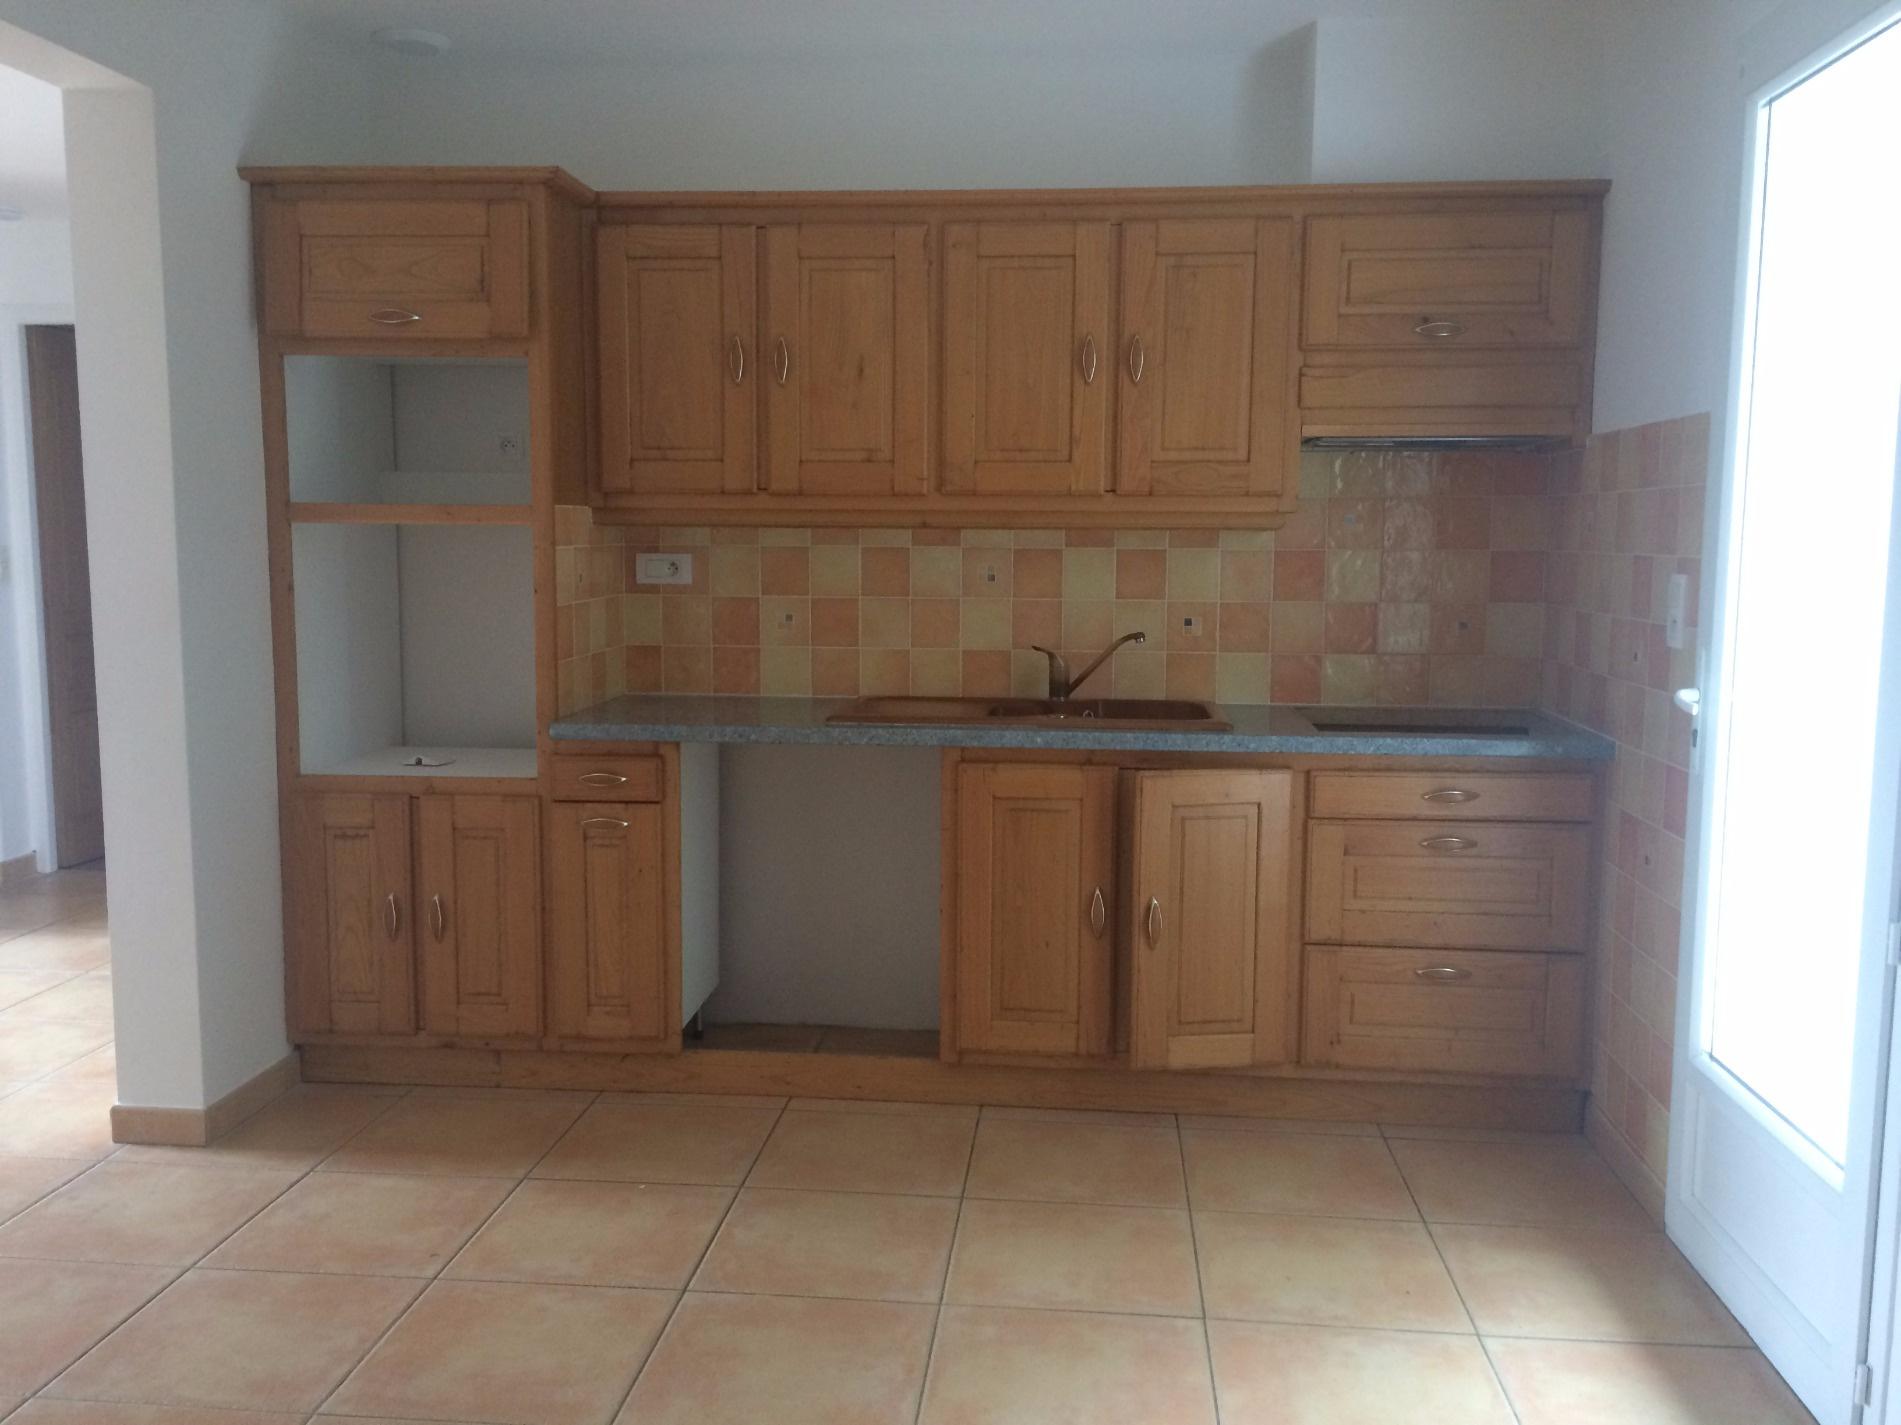 Offres de location Appartement Arbonne (64210)